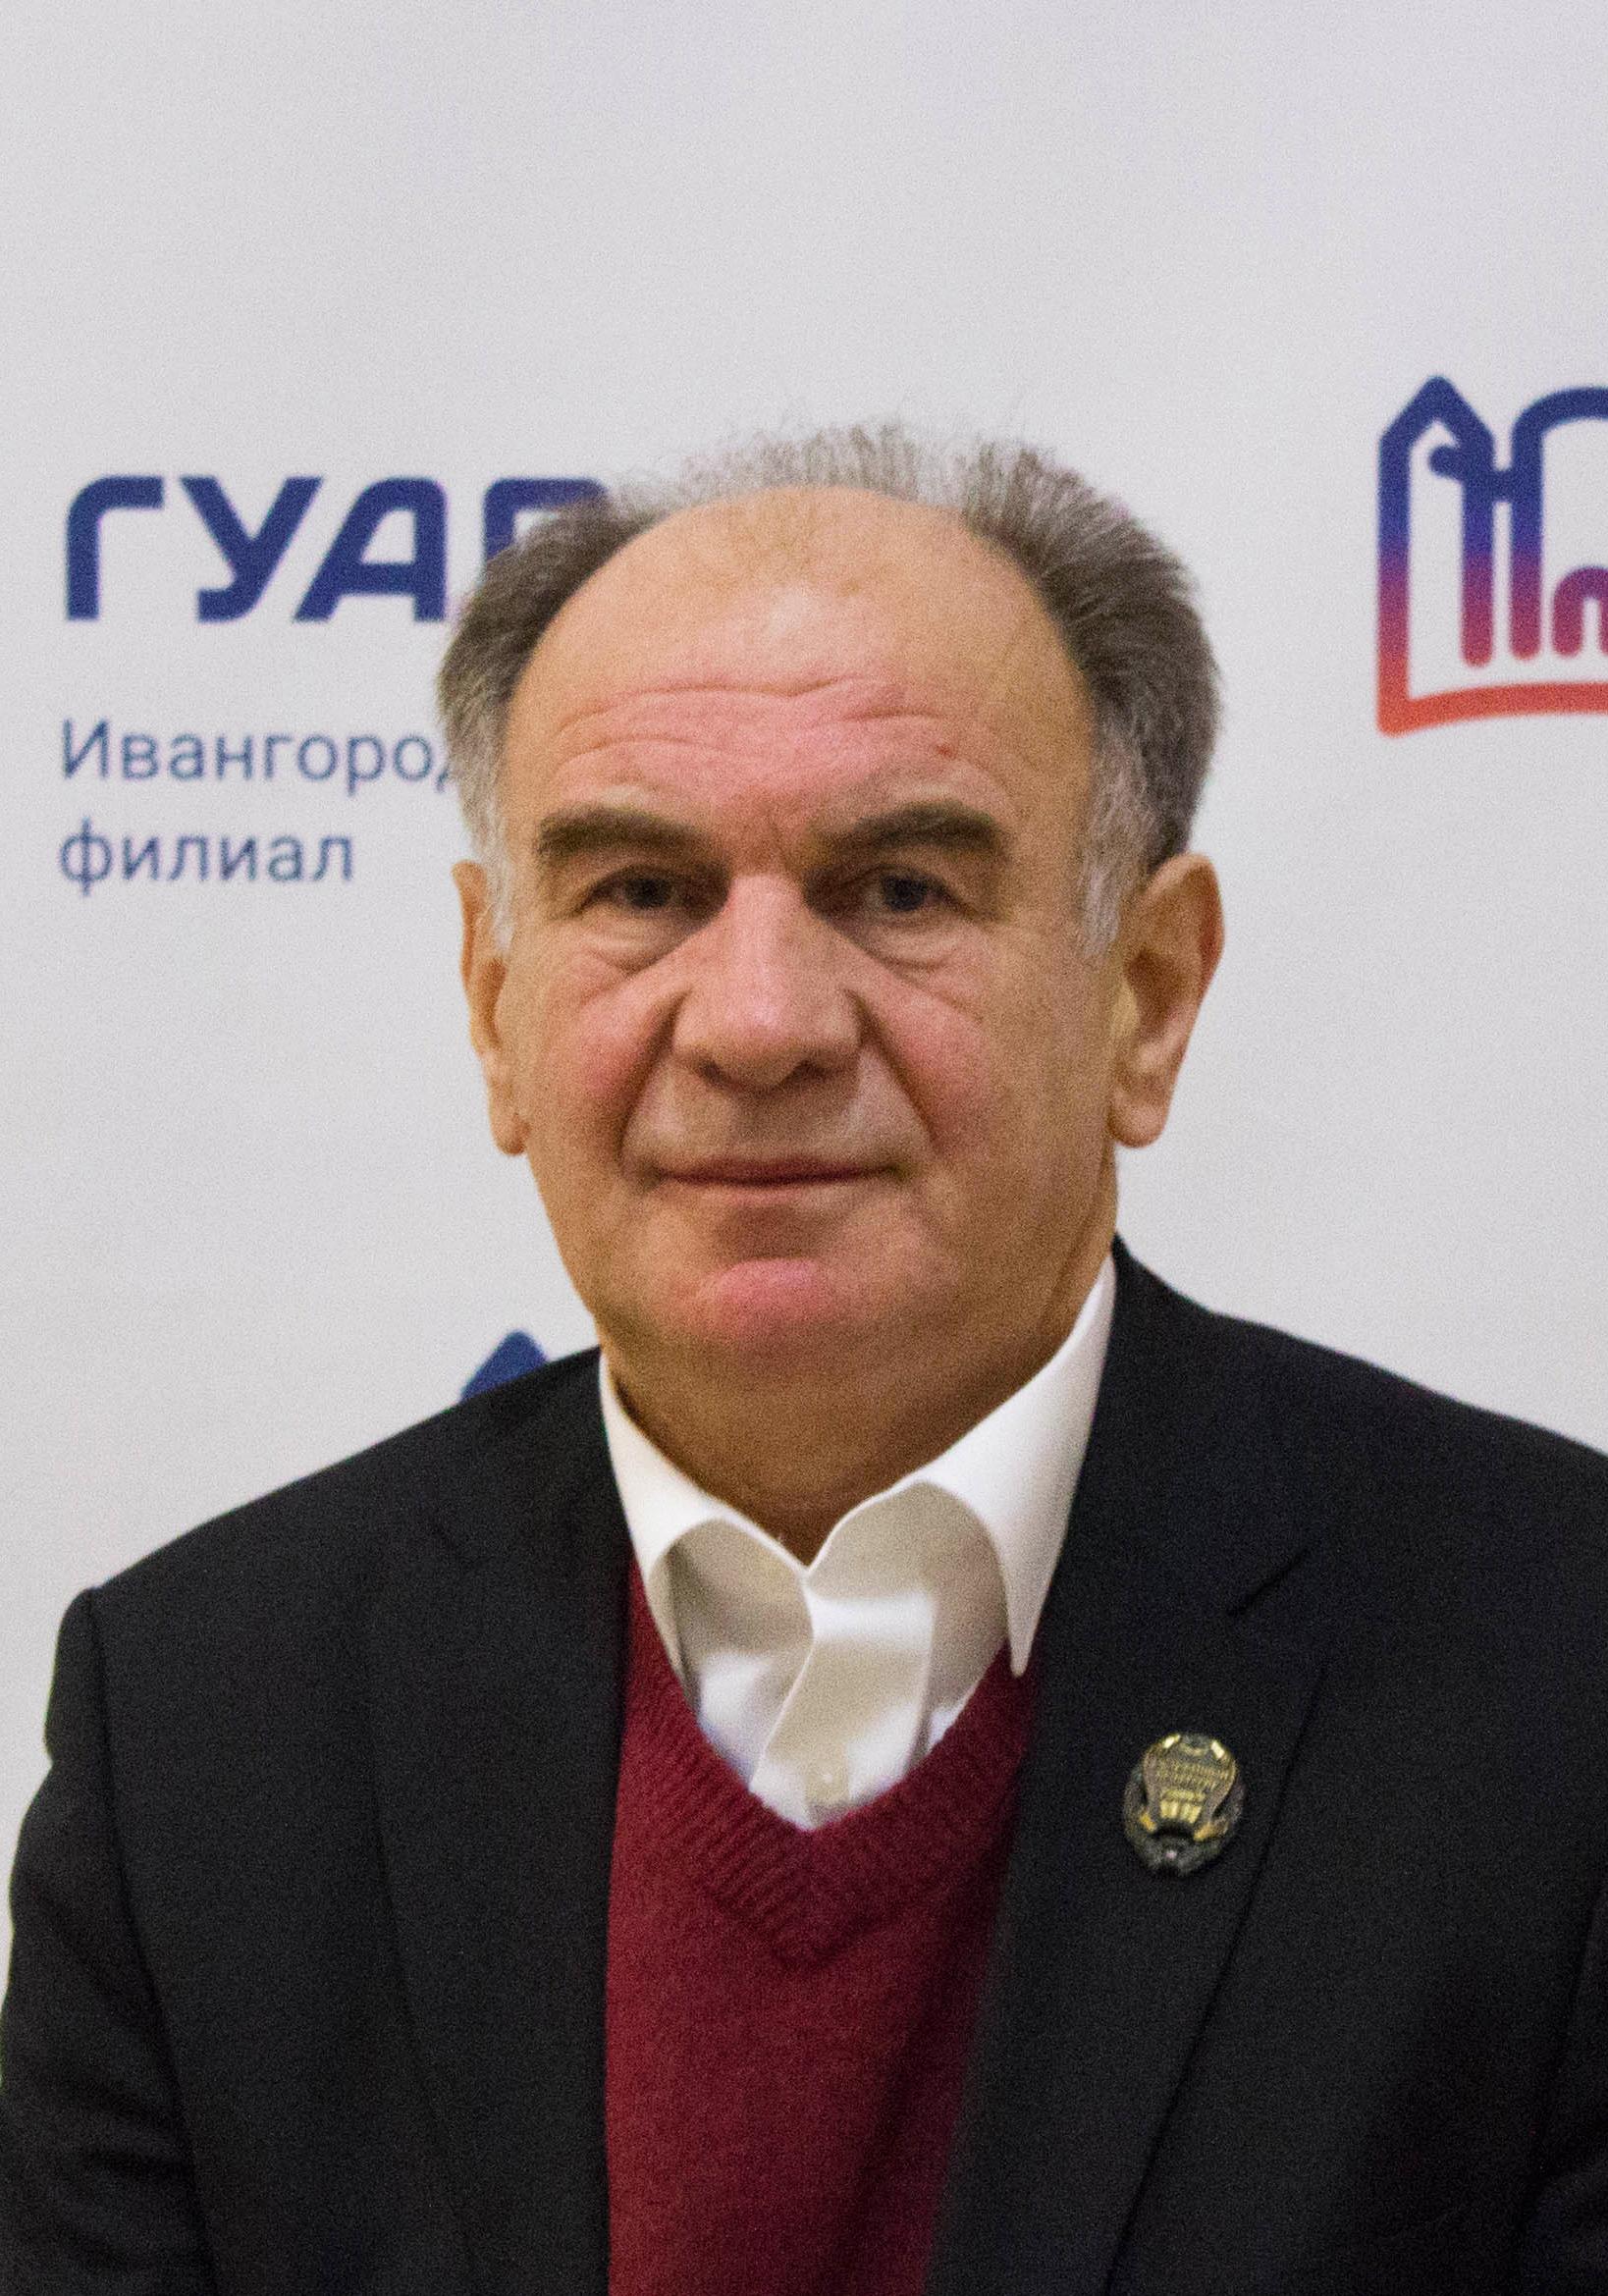 Городинец Фёдор Михайлович